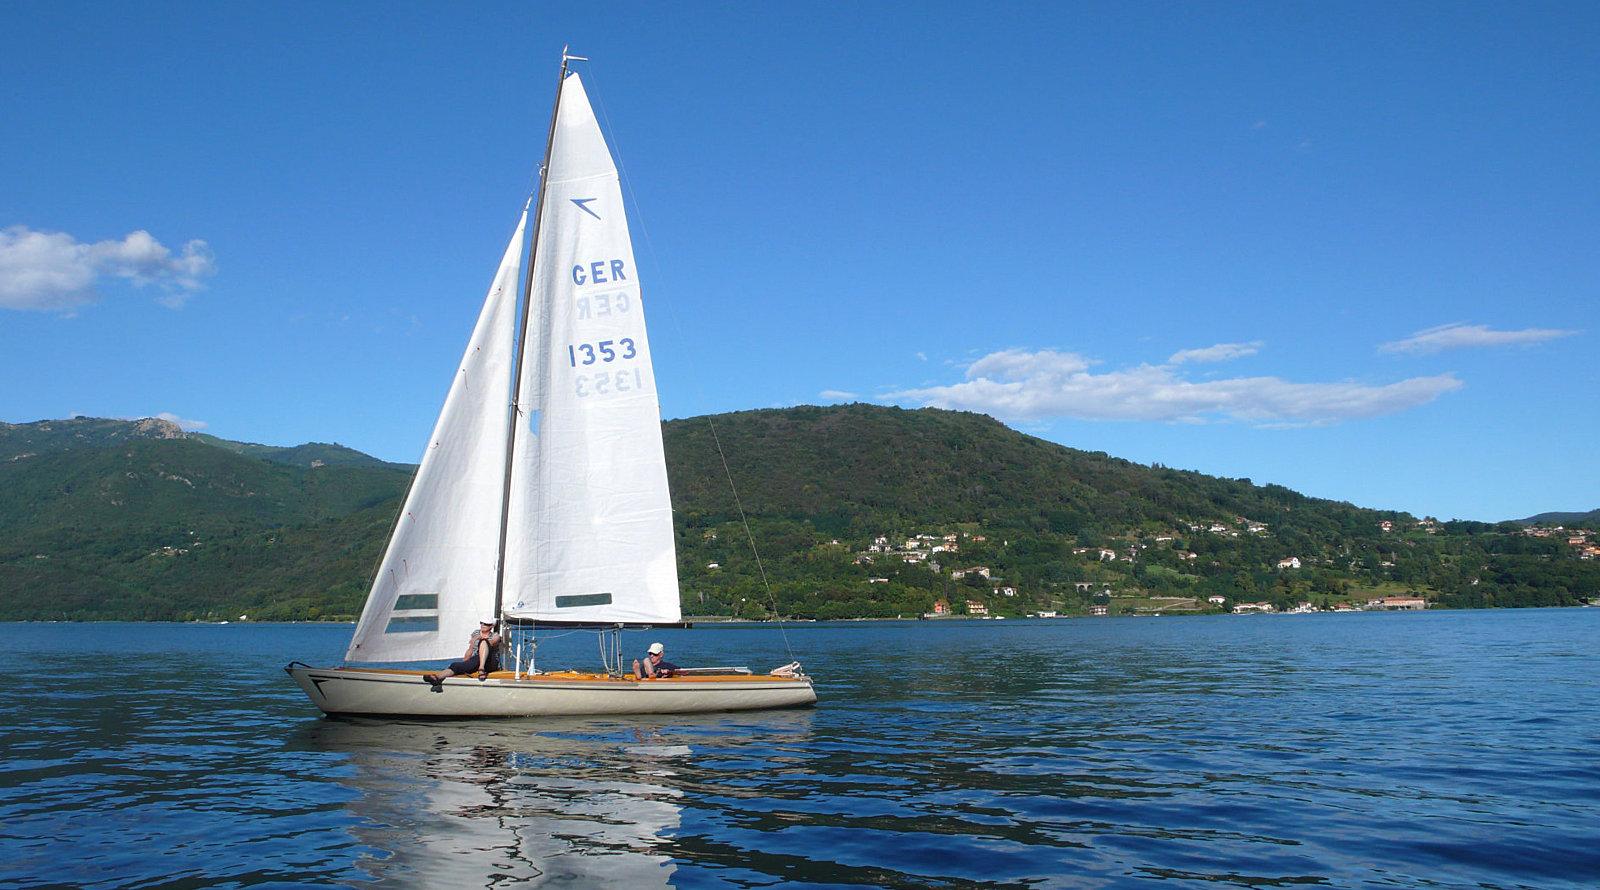 Turisti in barca a vela sul lago d'Orta